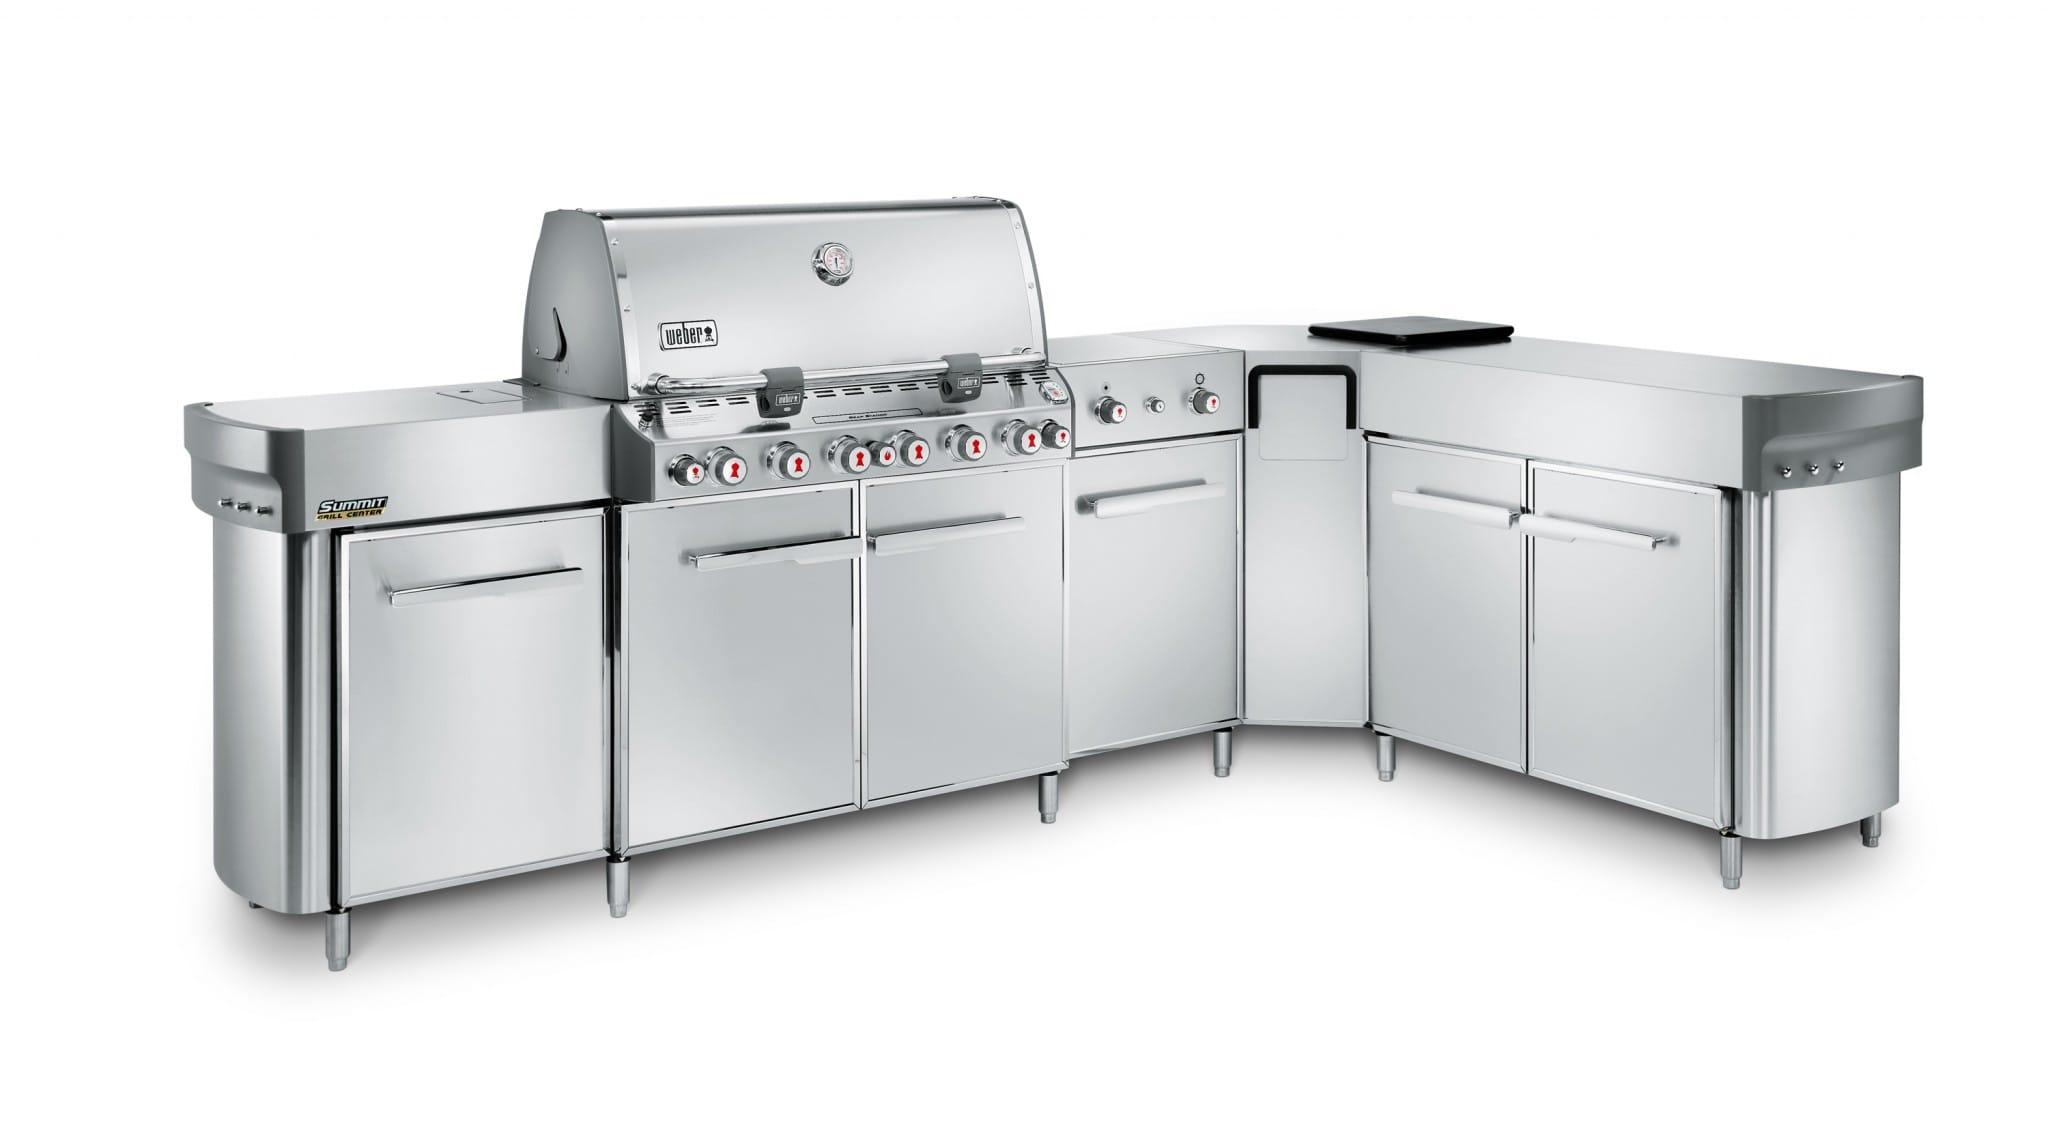 Outdoor Küche Für Weber Grill : Outdoorküche mit weber spirit e grillforum und bbq